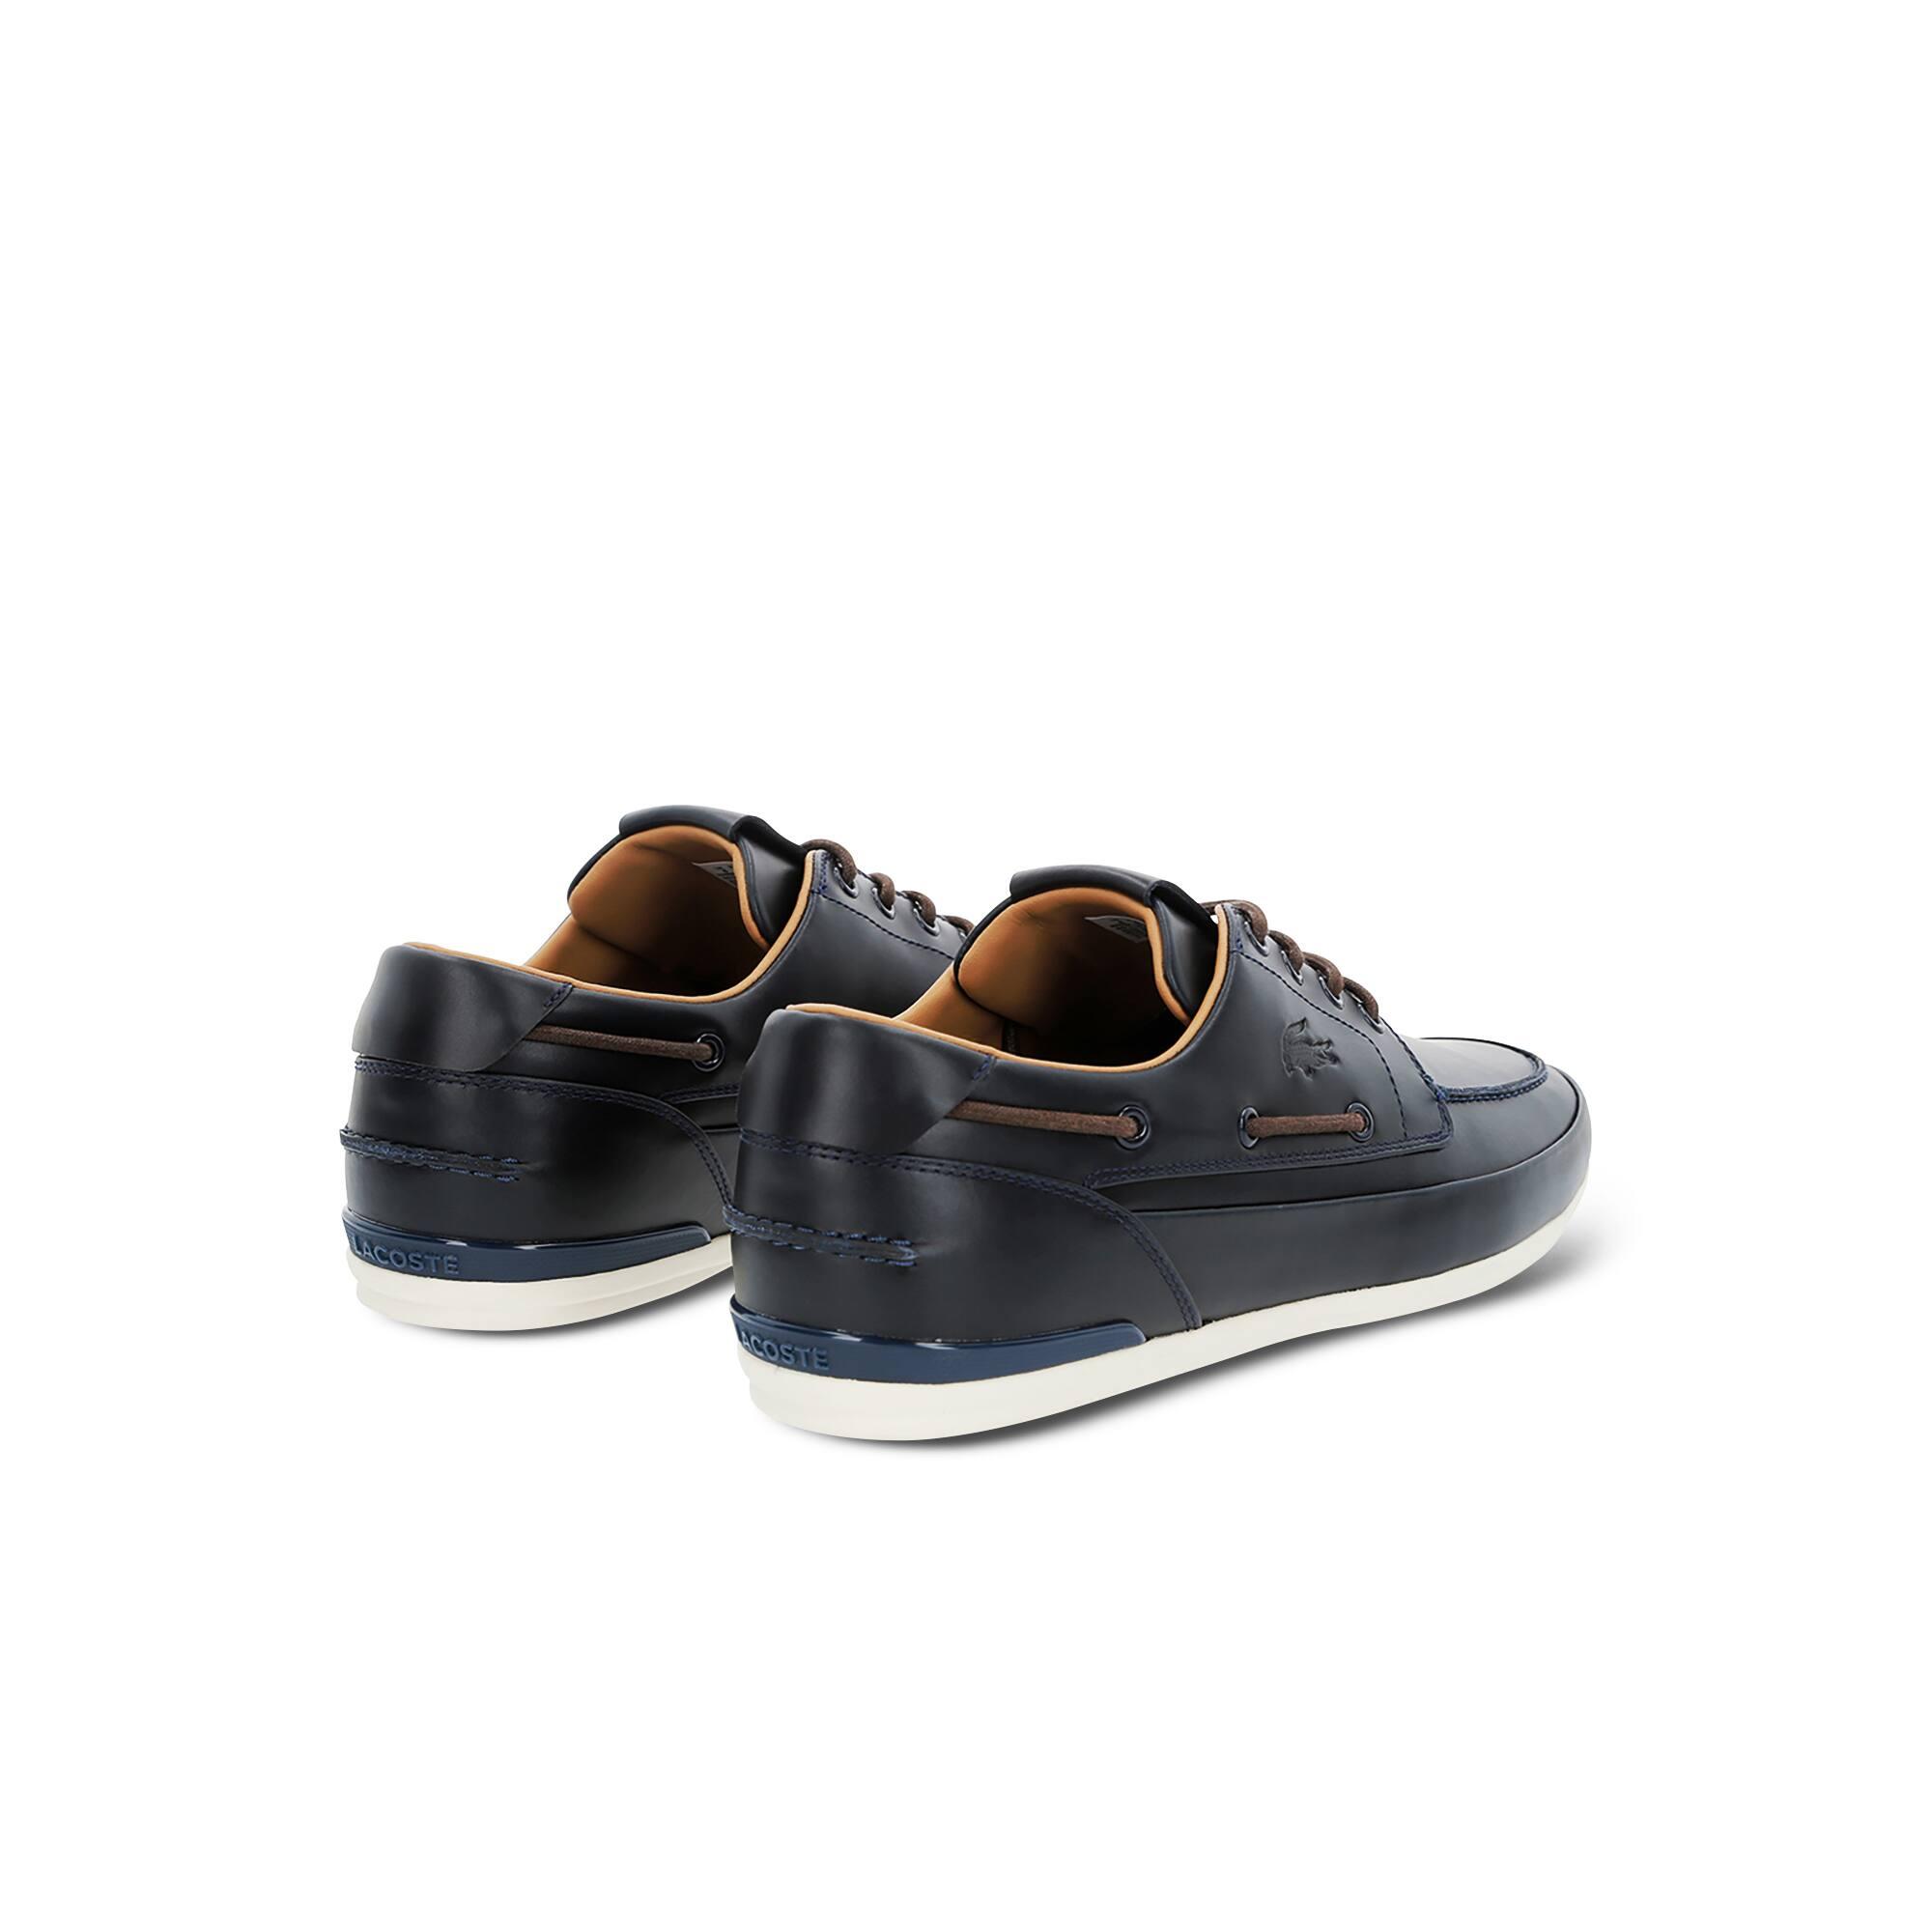 1585260605 Chaussures bateau Marina homme en cuir premium | LACOSTE